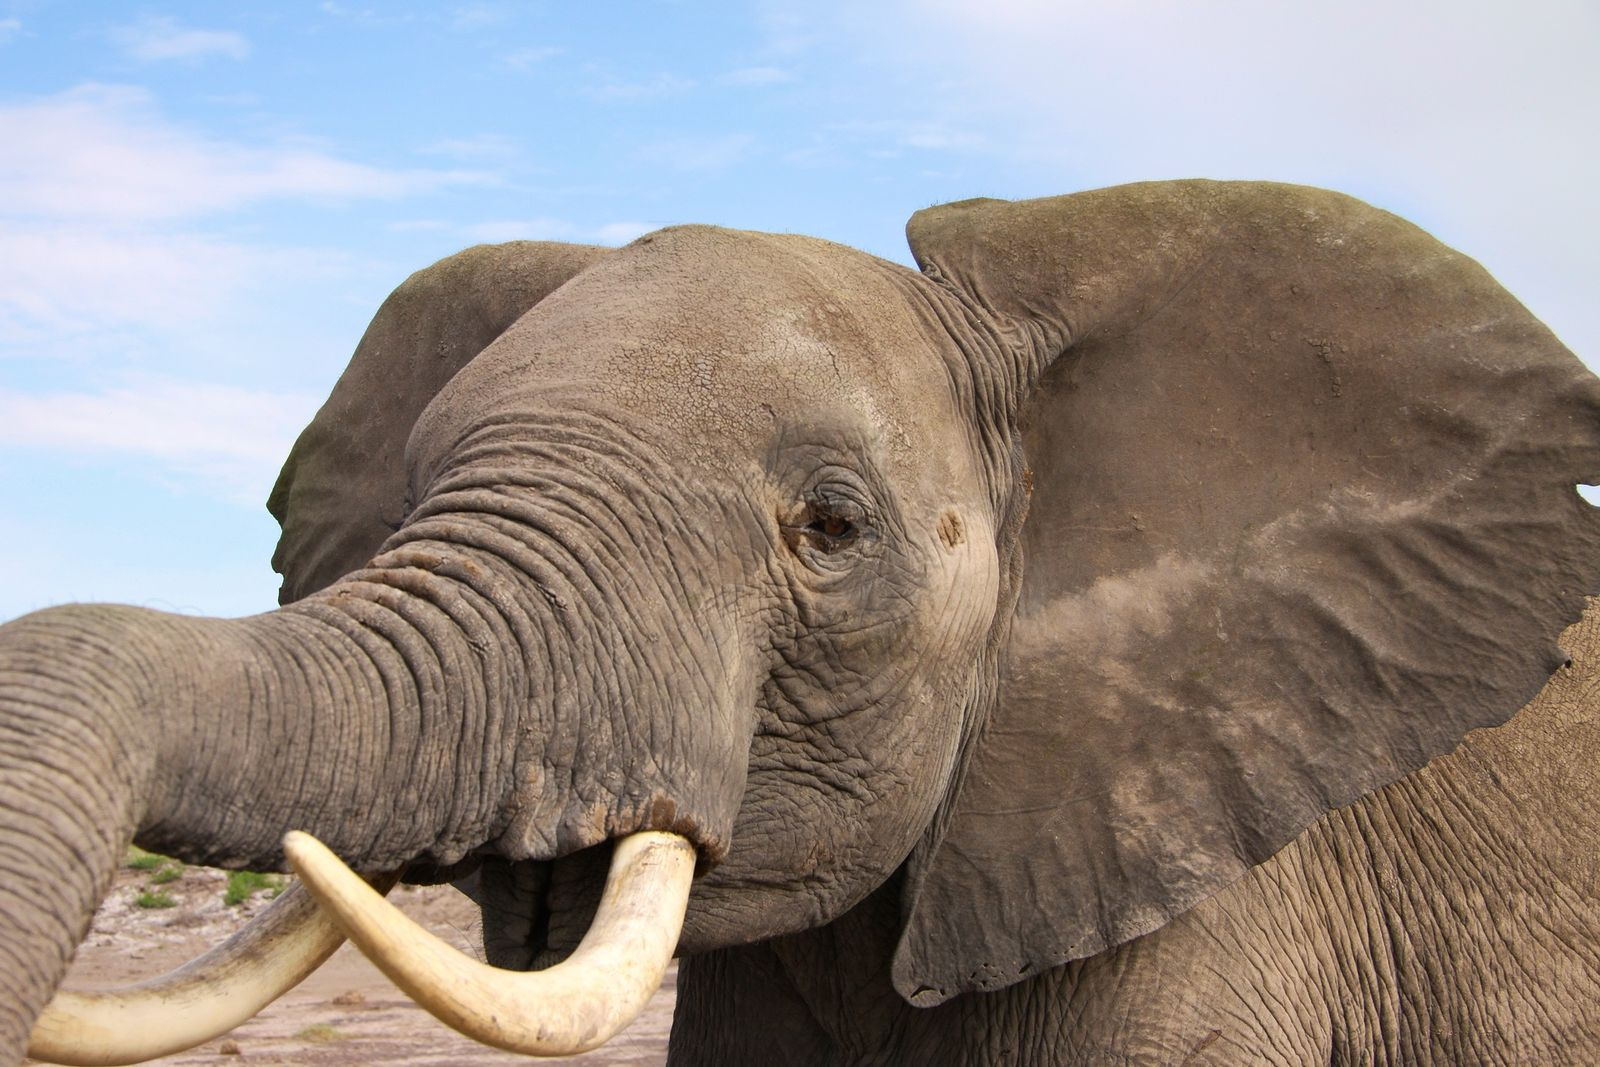 Eine Elefantenkuh im Amboseli-Nationalpark in Kenia. Mit aufgeklappten Ohren und erhobenem Rüssel signalisiert sie Alarmbereitschaft.